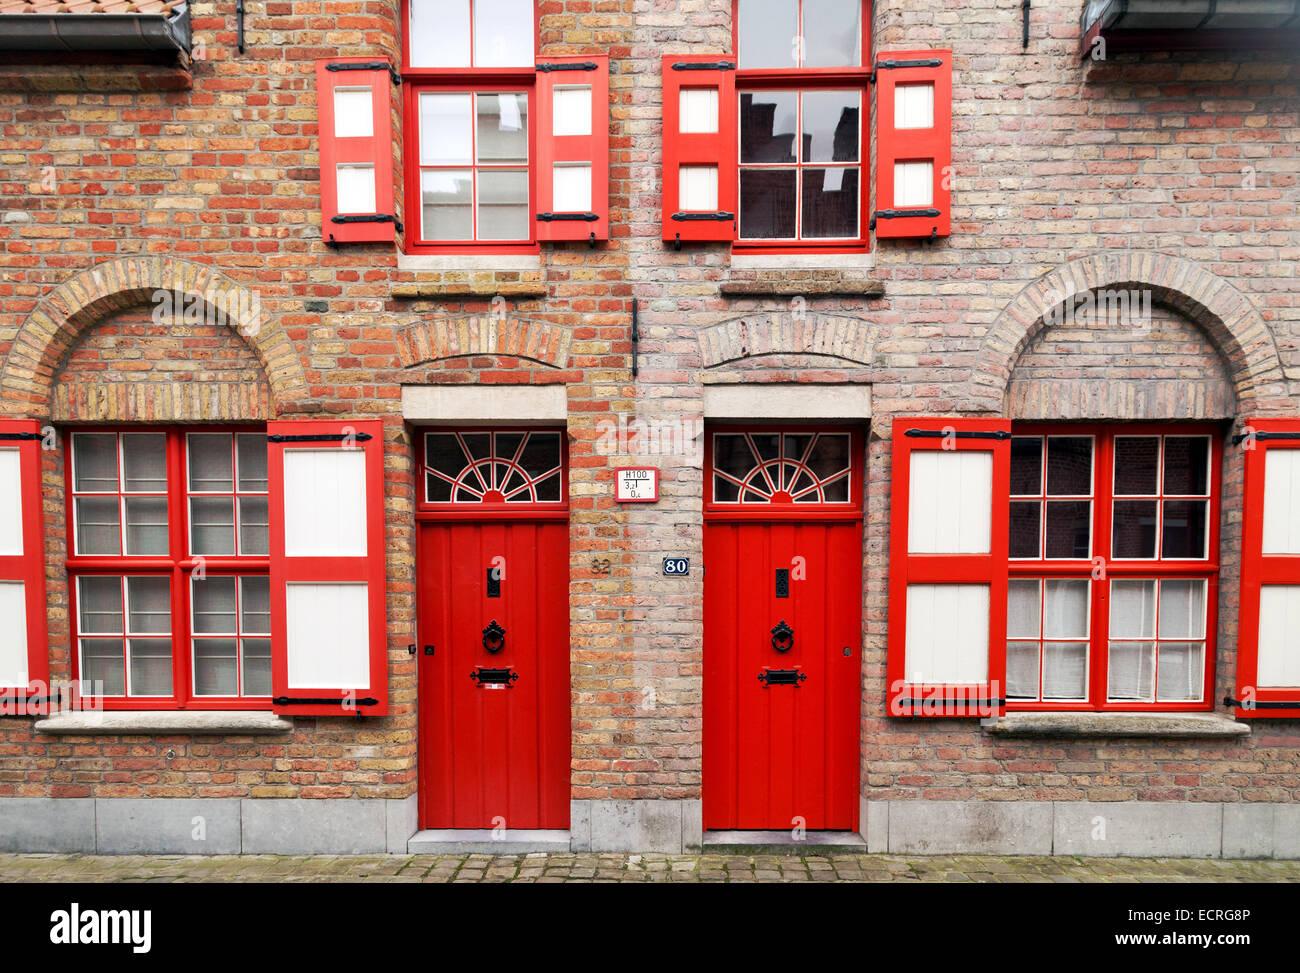 Deux maisons mitoyennes rouge à Bruges, Belgique, Europe, notion de symétrie ou de réflexion Photo Stock